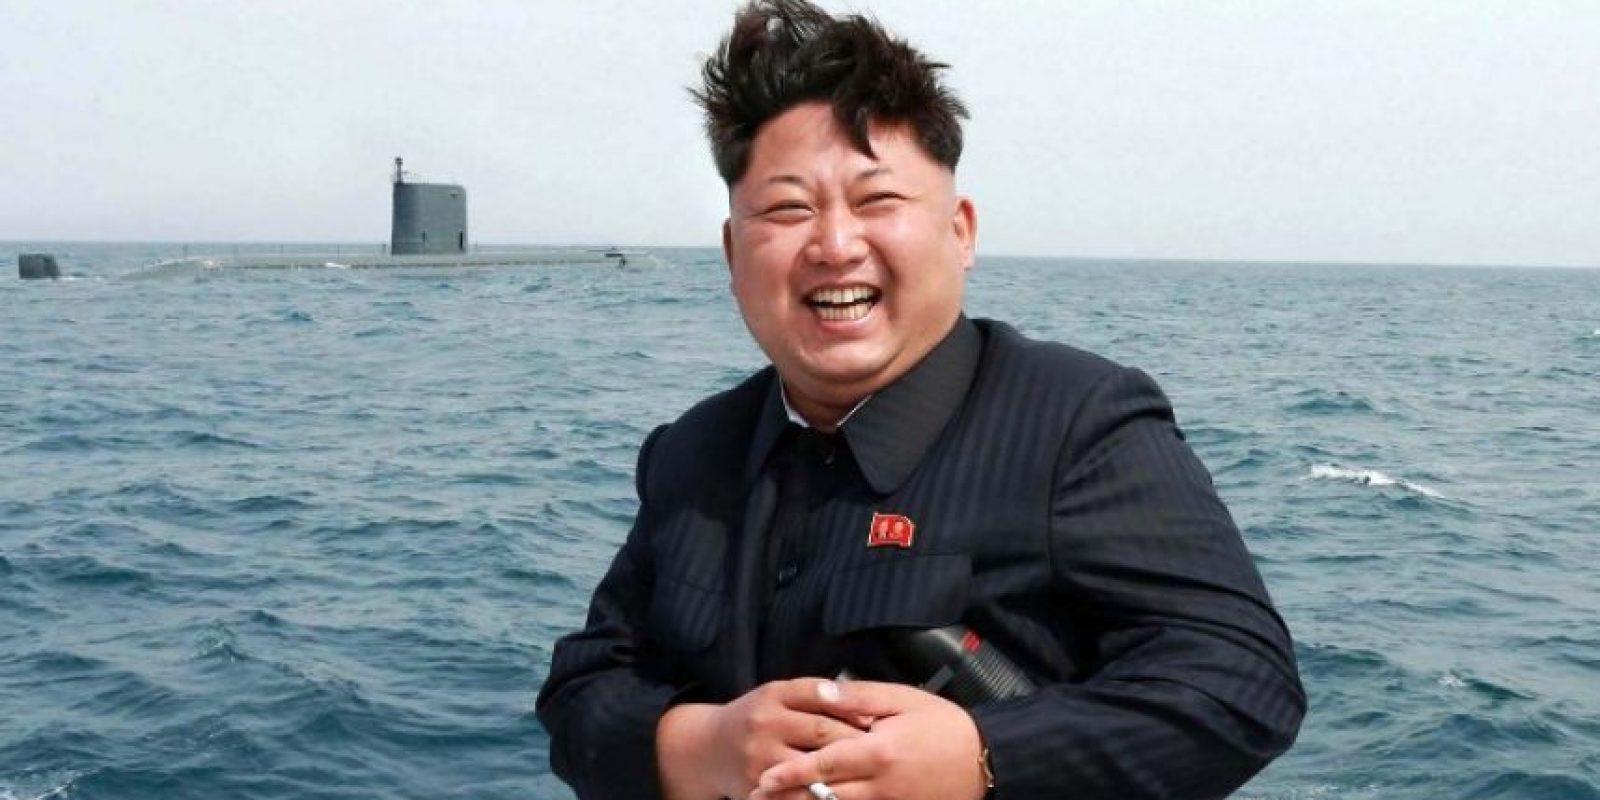 Esta información fue publicada por los servicios de inteligencia militar de Corea del Sur y posteriormente desmentida. Foto:AFP